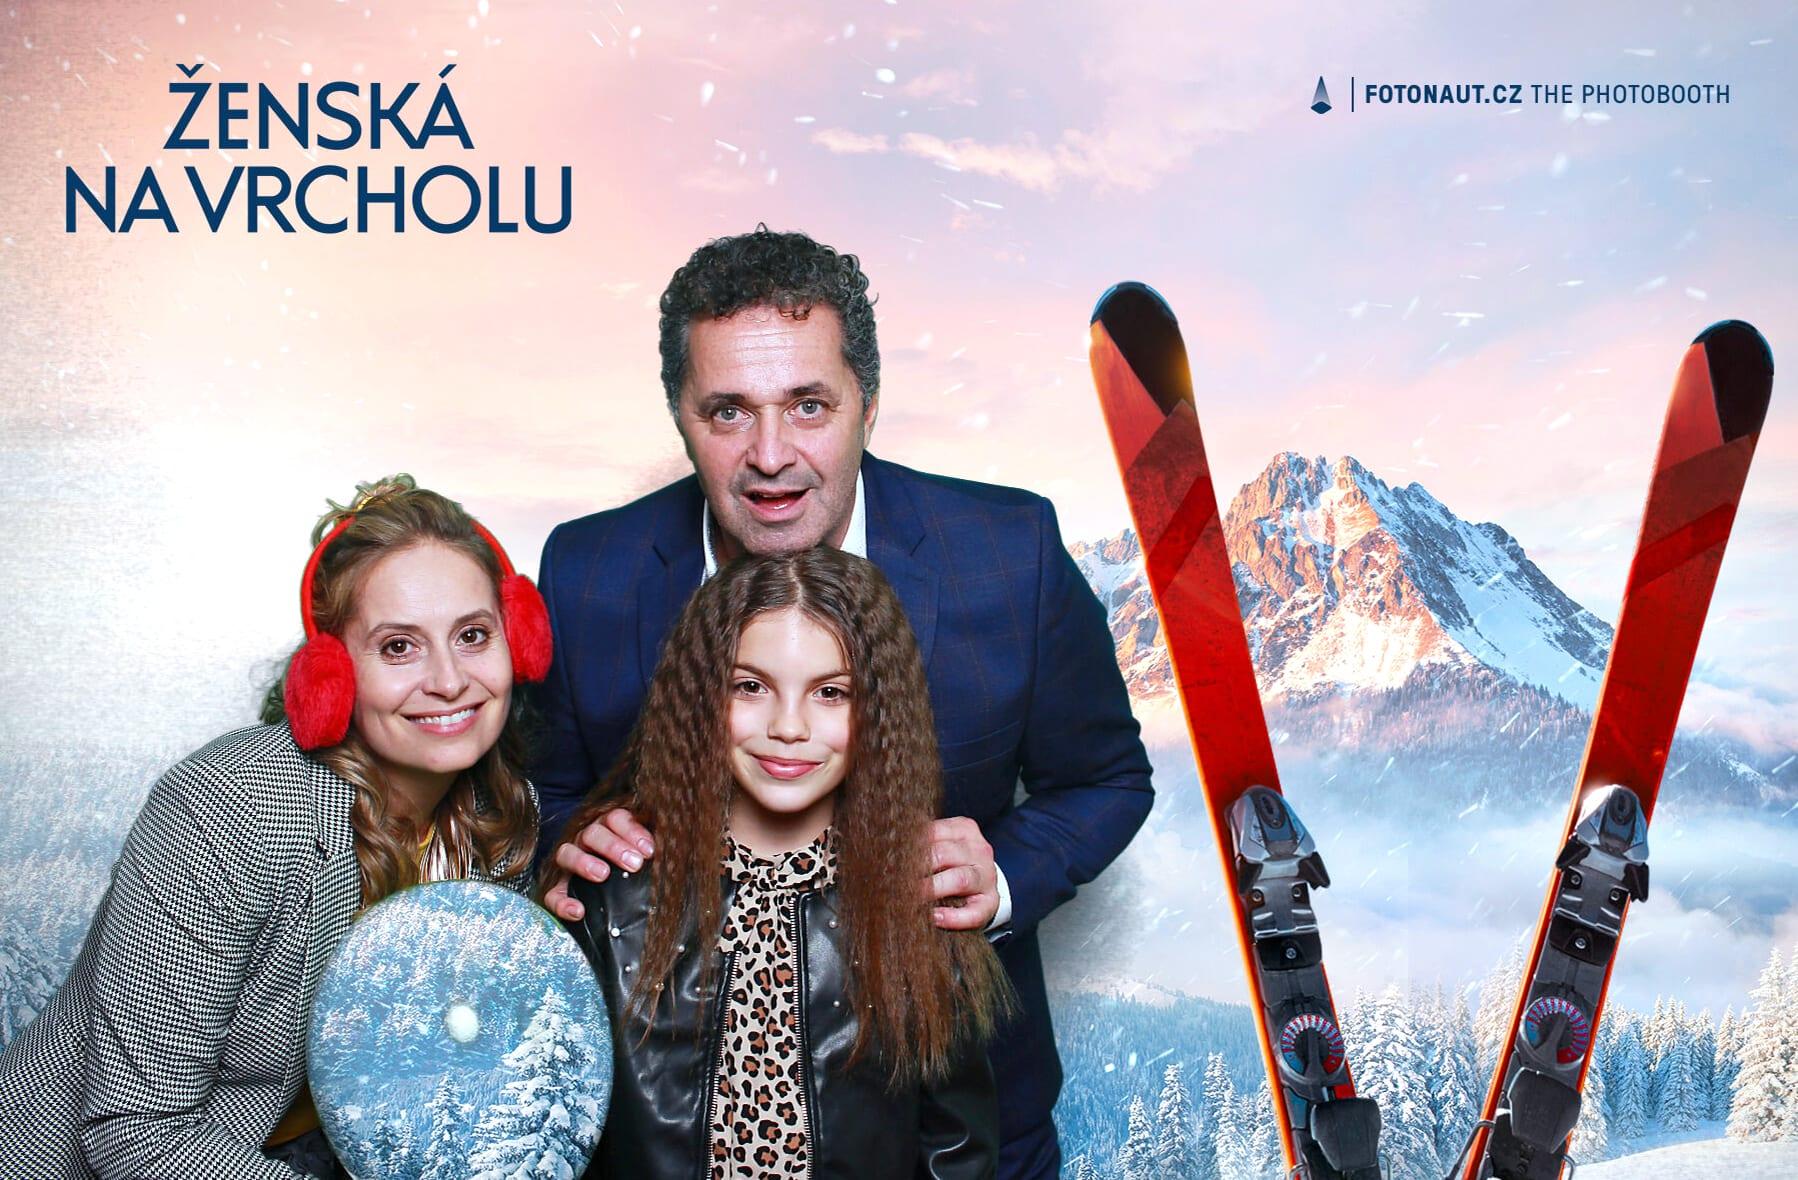 fotokoutek-praha-bioscop-5-11-2019-667780